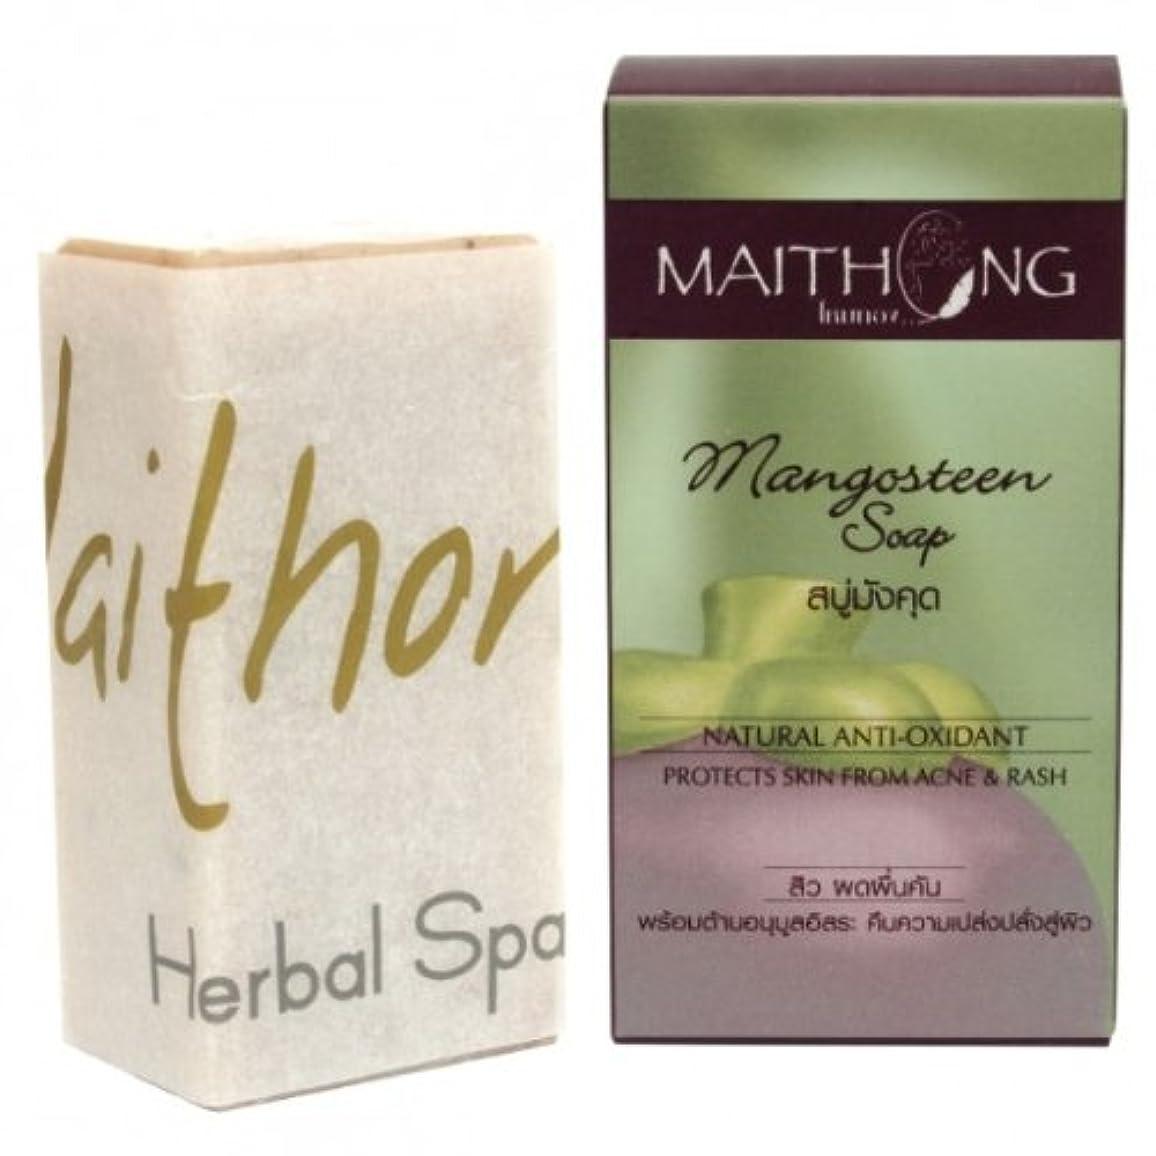 滑らかで芳醇な香りが広がる マンゴスチン石鹸 お得な3個セット 老舗スキンケアブランドMaithong 天然ハーブたっぷり配合 海外直送